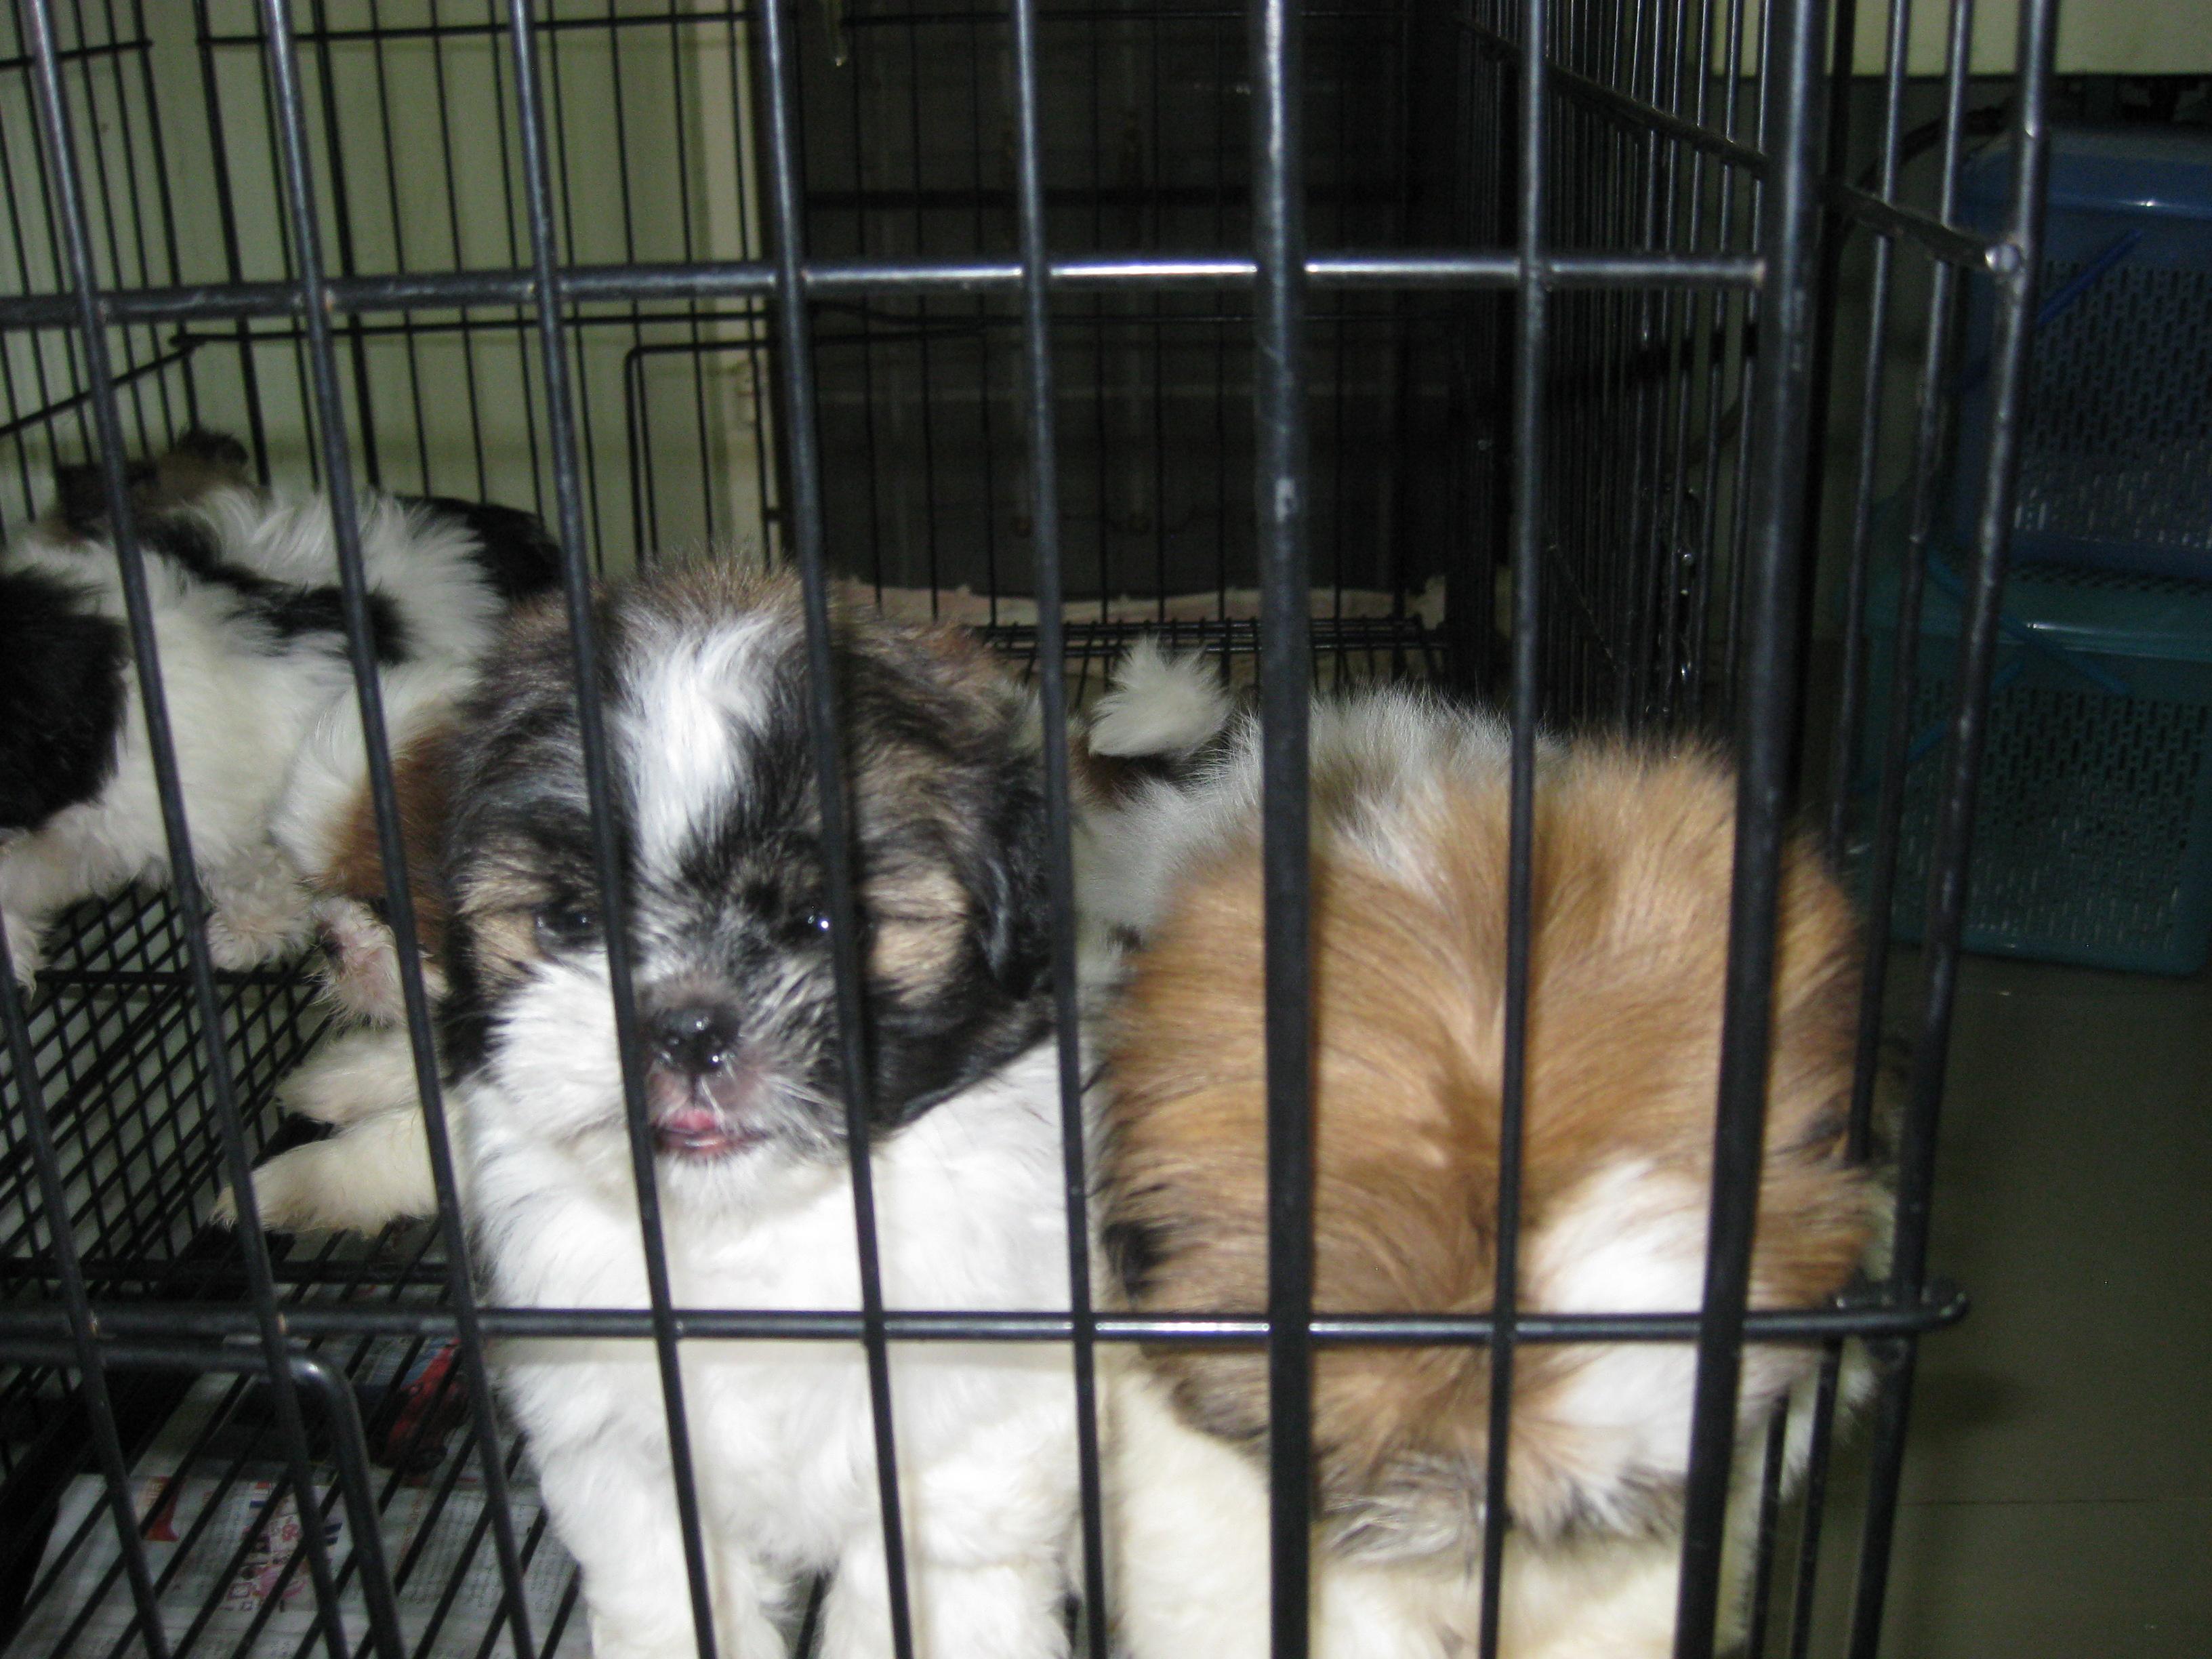 ขายลูกสุนัขชิสุห์ทอย 2 เดือน ผู้ 3 เมีย 1